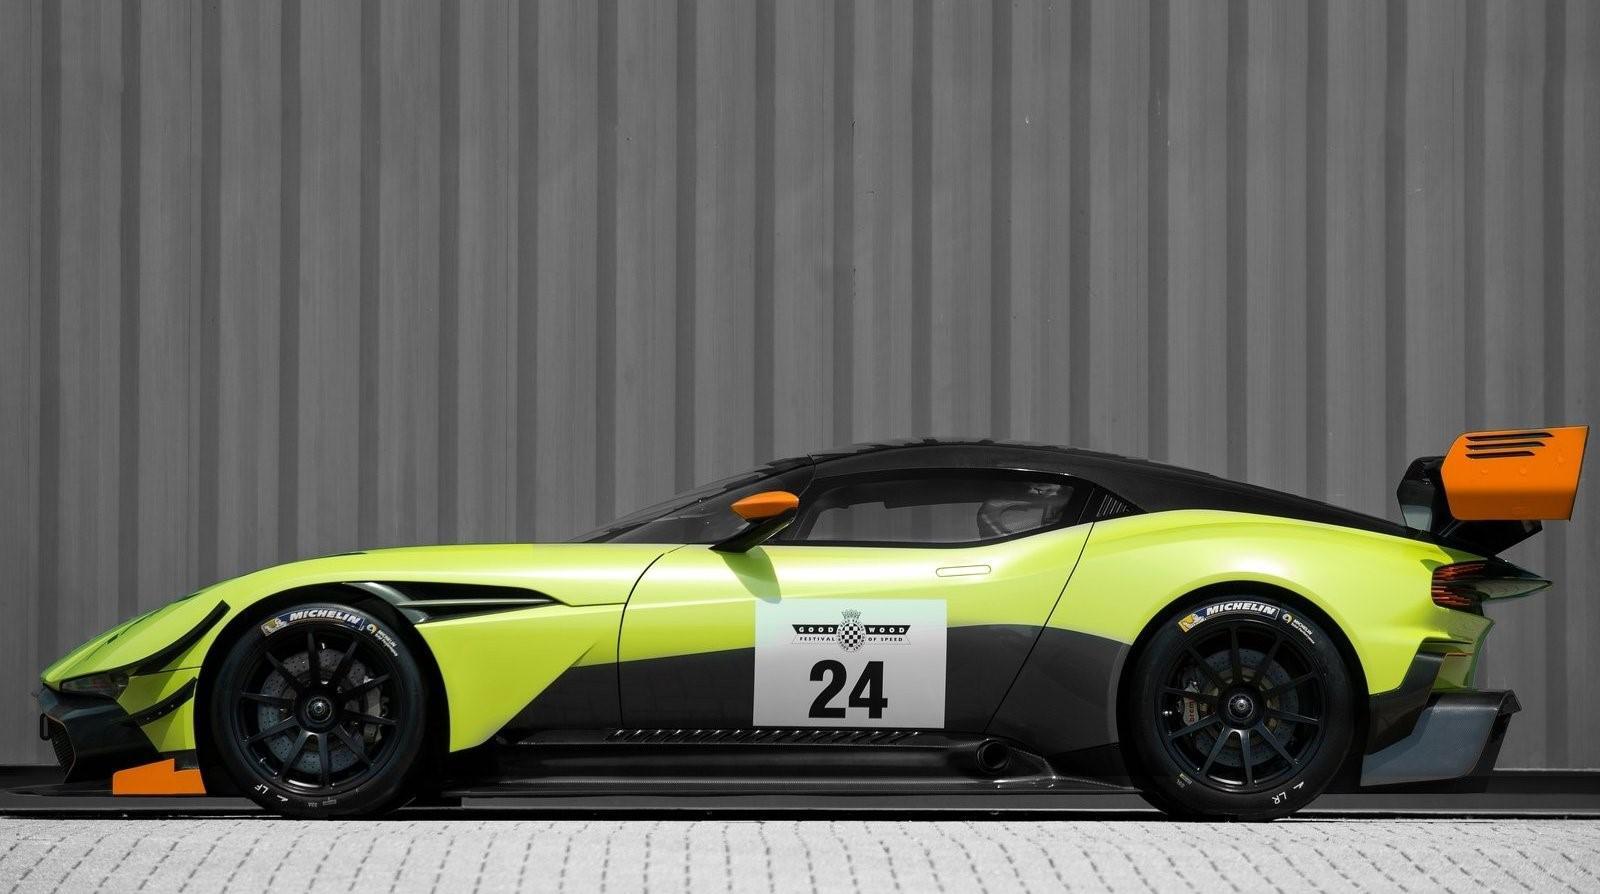 la-voiture-de-piste-la-plus-extreme-au-monde-aston-martin-vulcan-amr-pro-1308-16.jpg